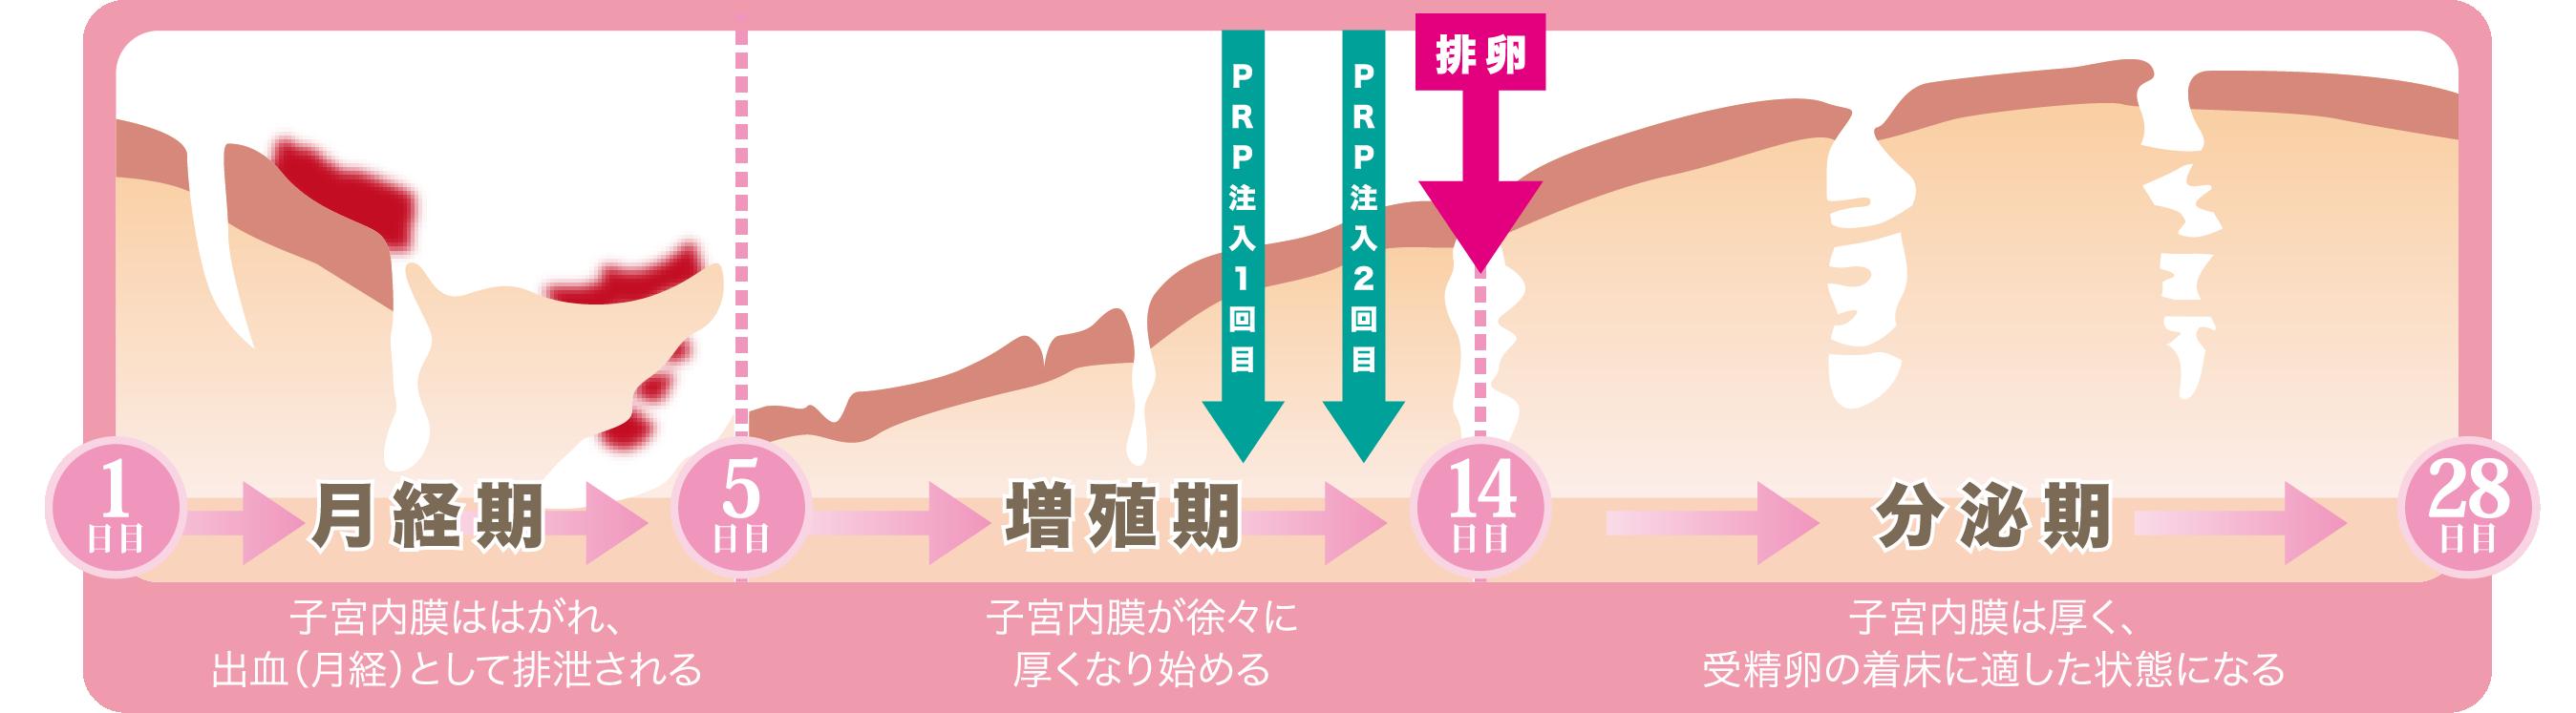 1日目 月経期→5日目 増殖期→14日目 分泌期→28日目